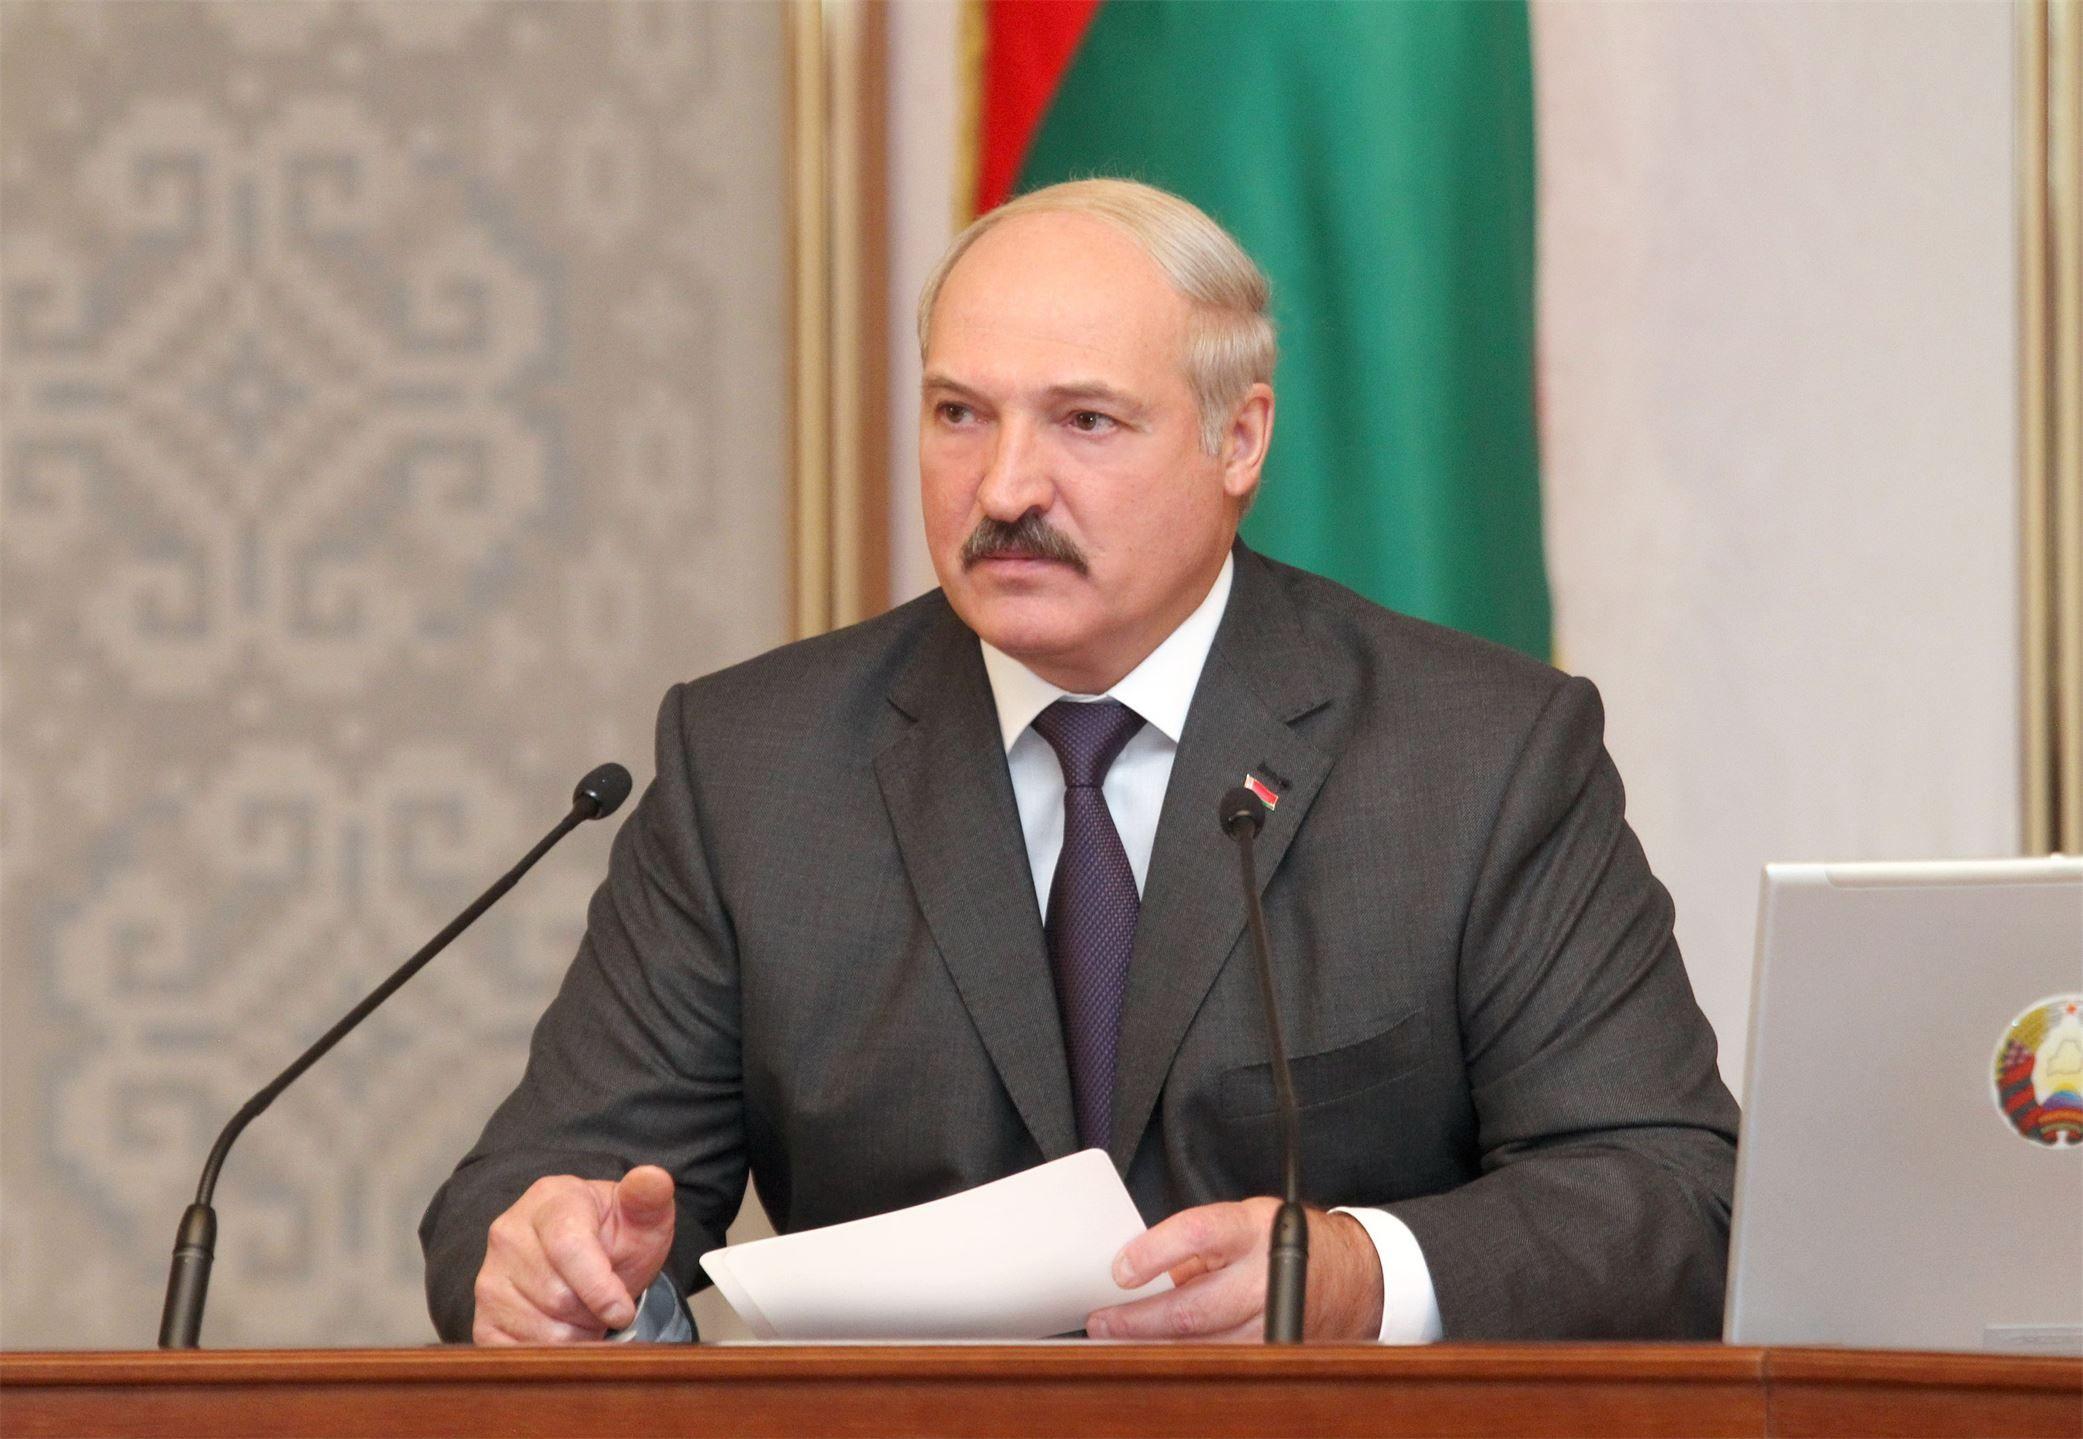 ФОТАФАКТ: магілёўскія ЛГБТК хацелі бачыцьпершымпрэзідэнтам Лукашэнку